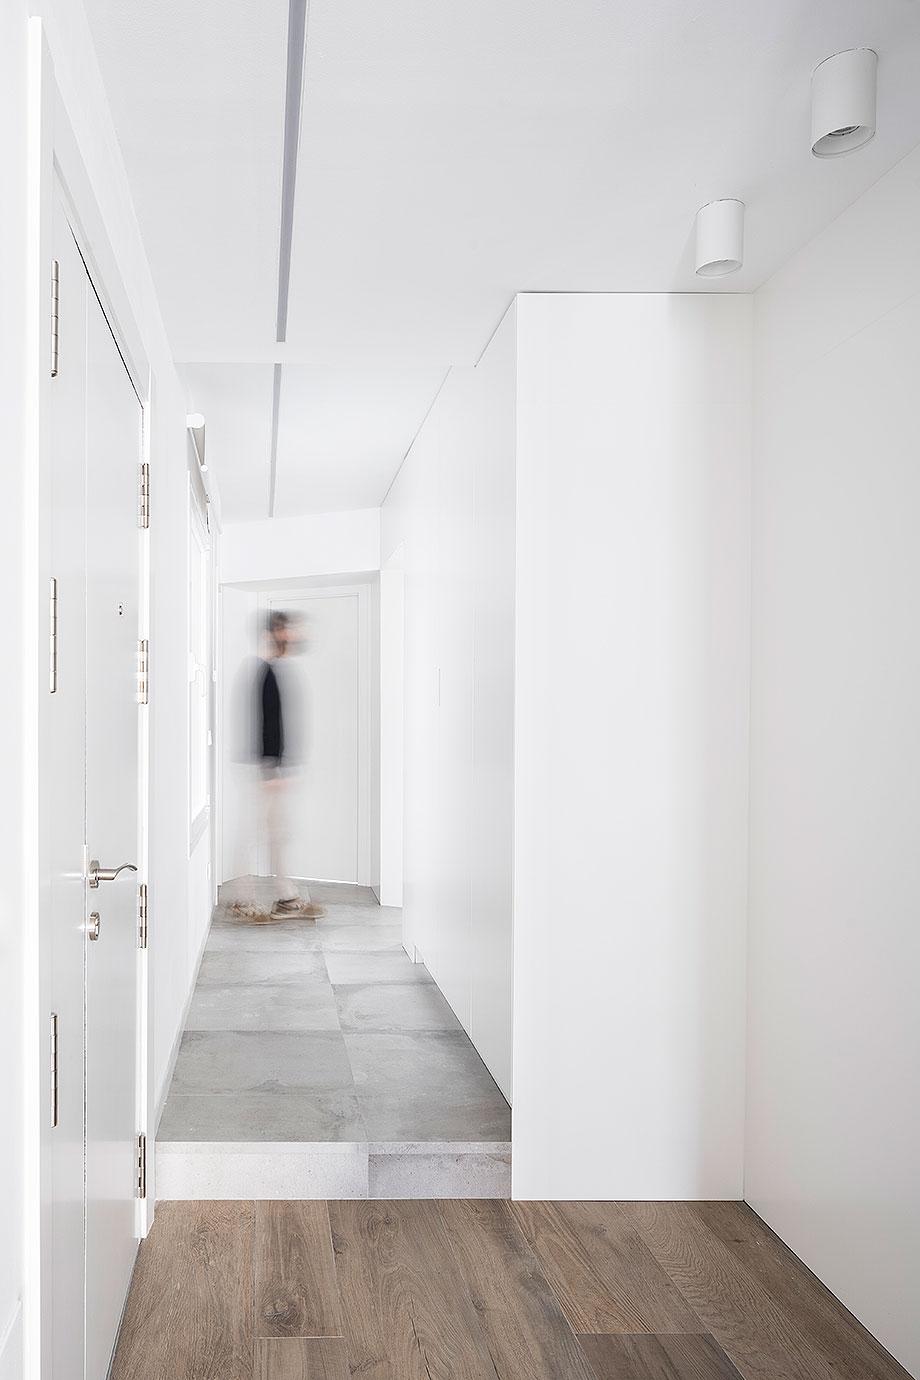 reforma en valladolid de made.v arquitectos (7) - foto javier bravo